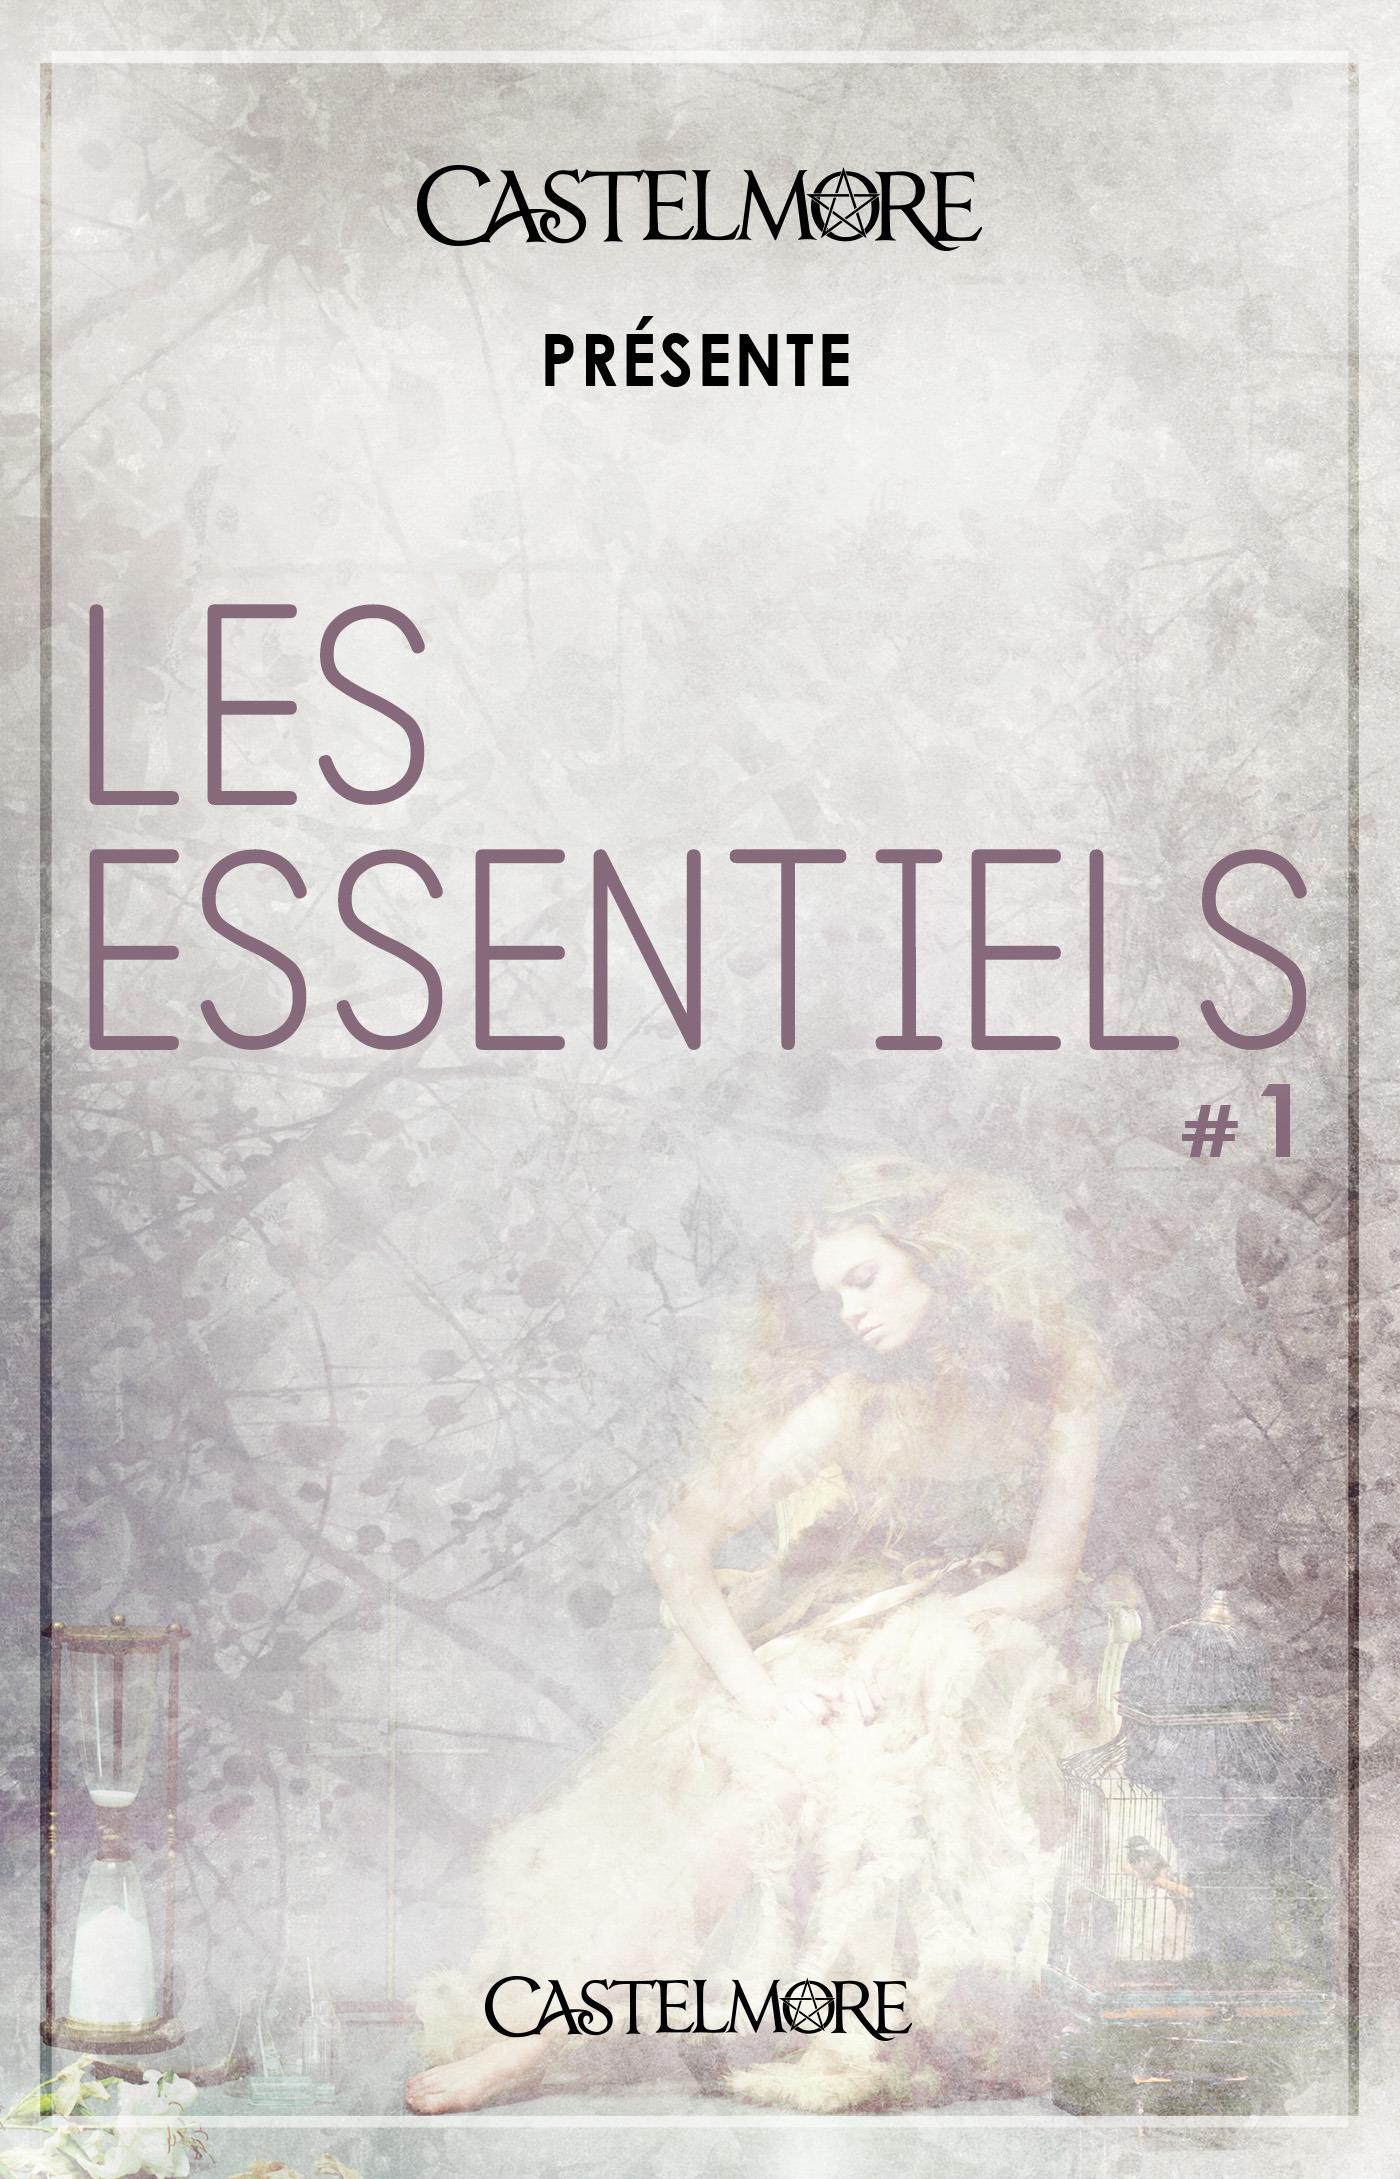 Castelmore présente Les Essentiels t.1